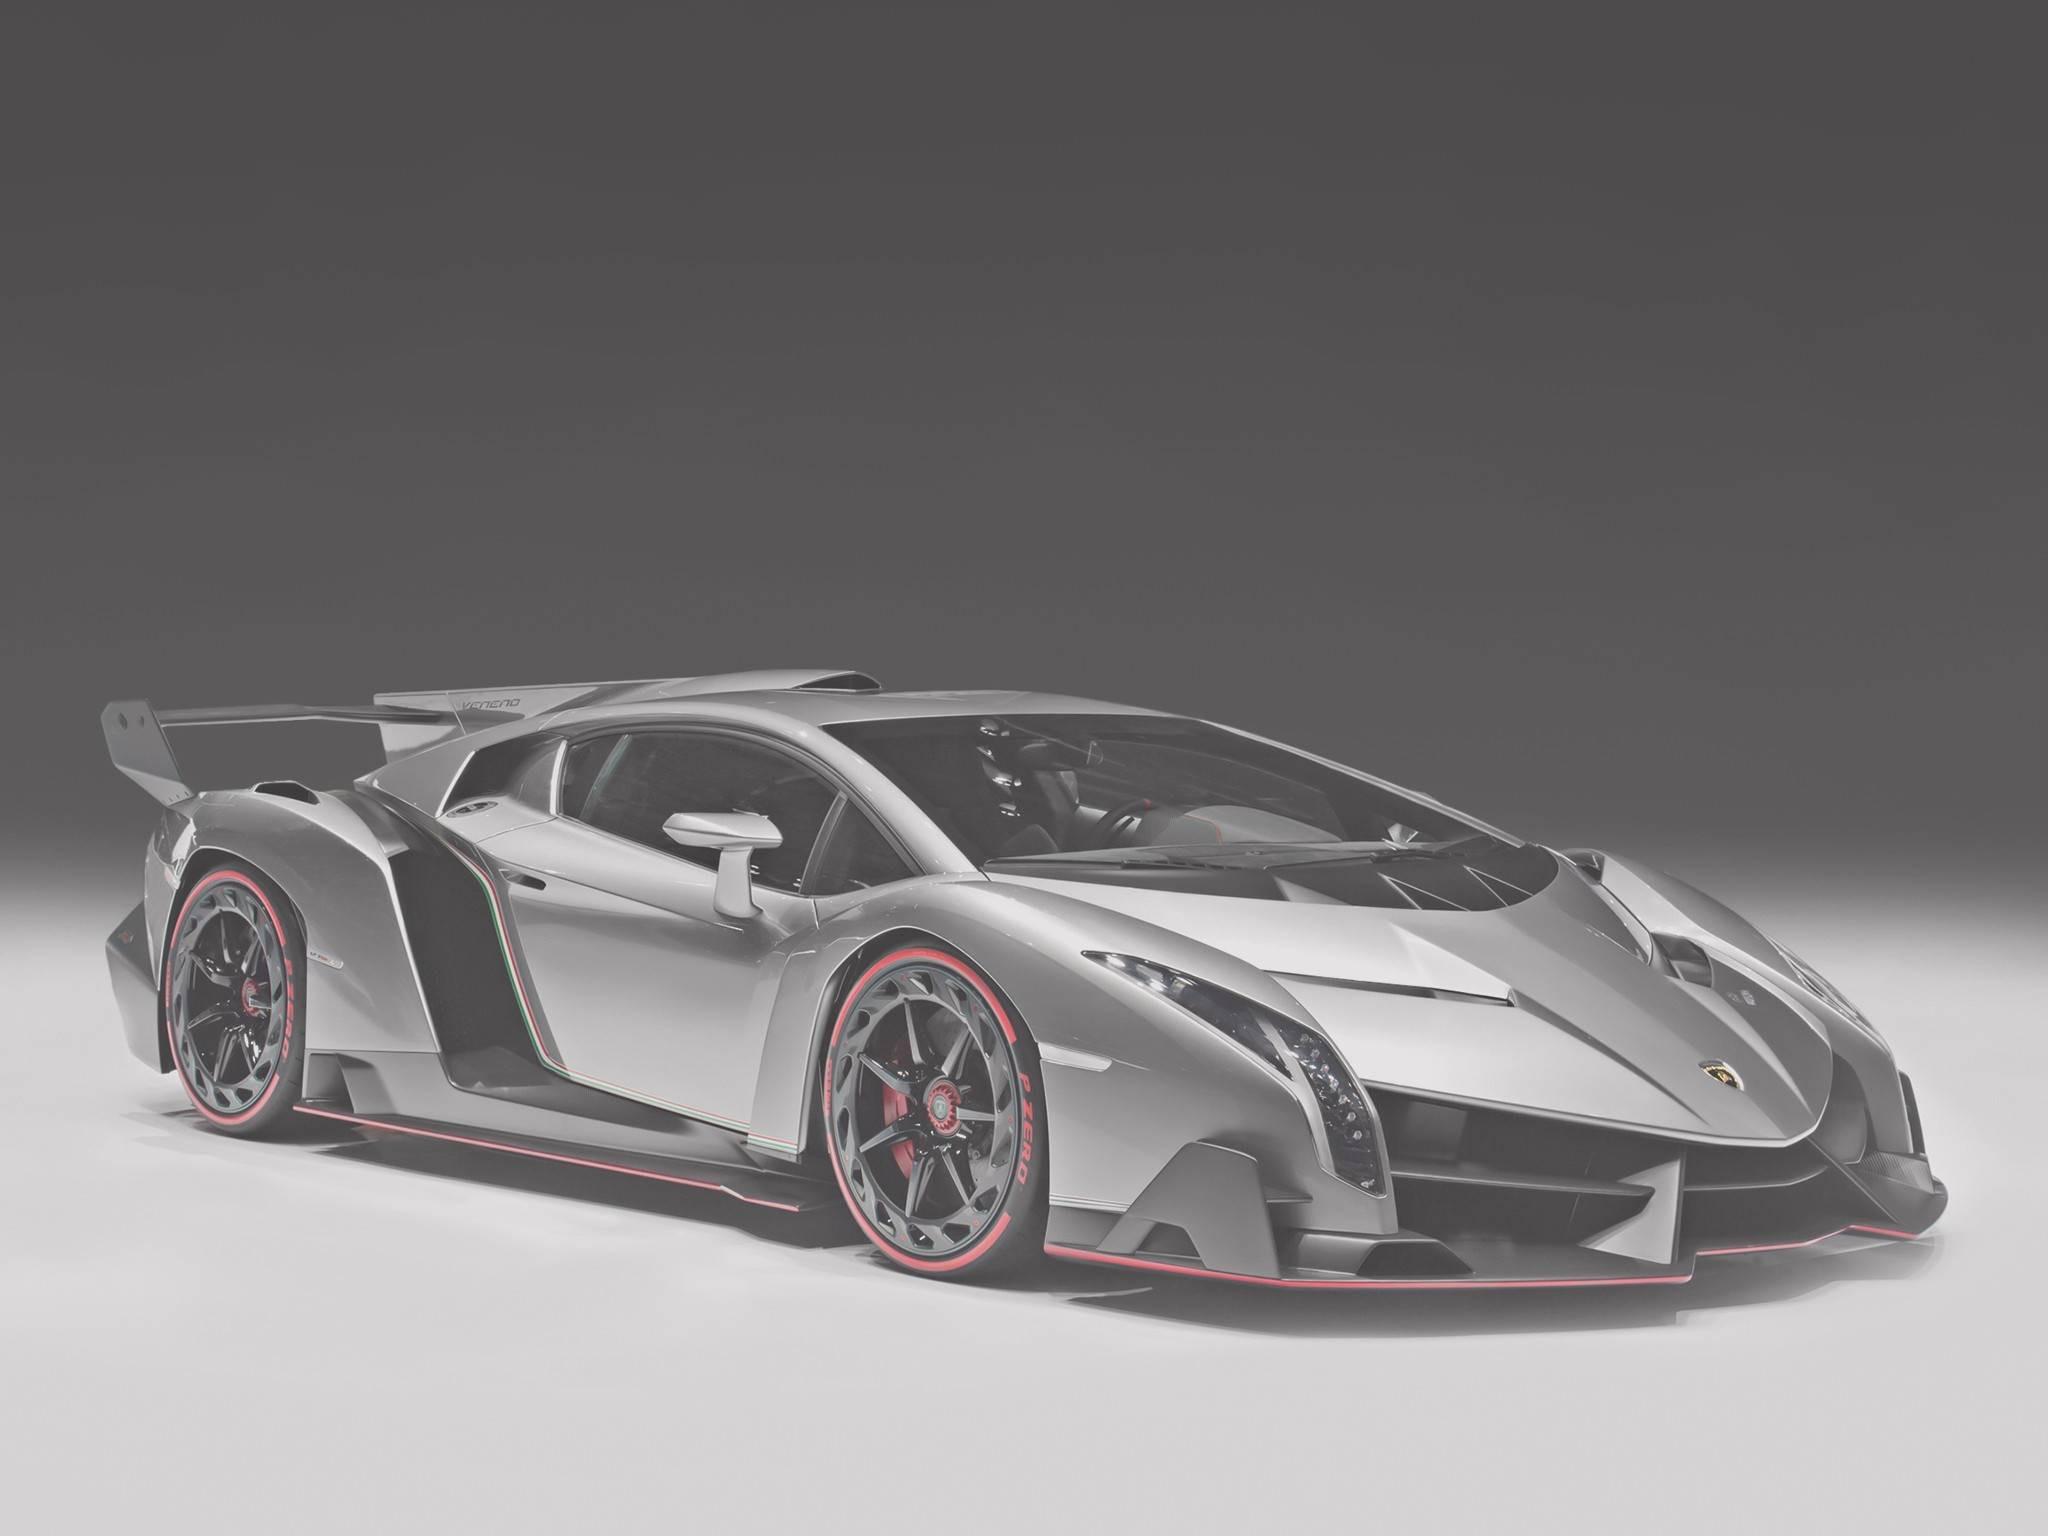 Ausmalbilder Bugatti Chiron Genial 25 Liebenswert Ausmalbilder Zum Ausdrucken Lamborghini Das Bild